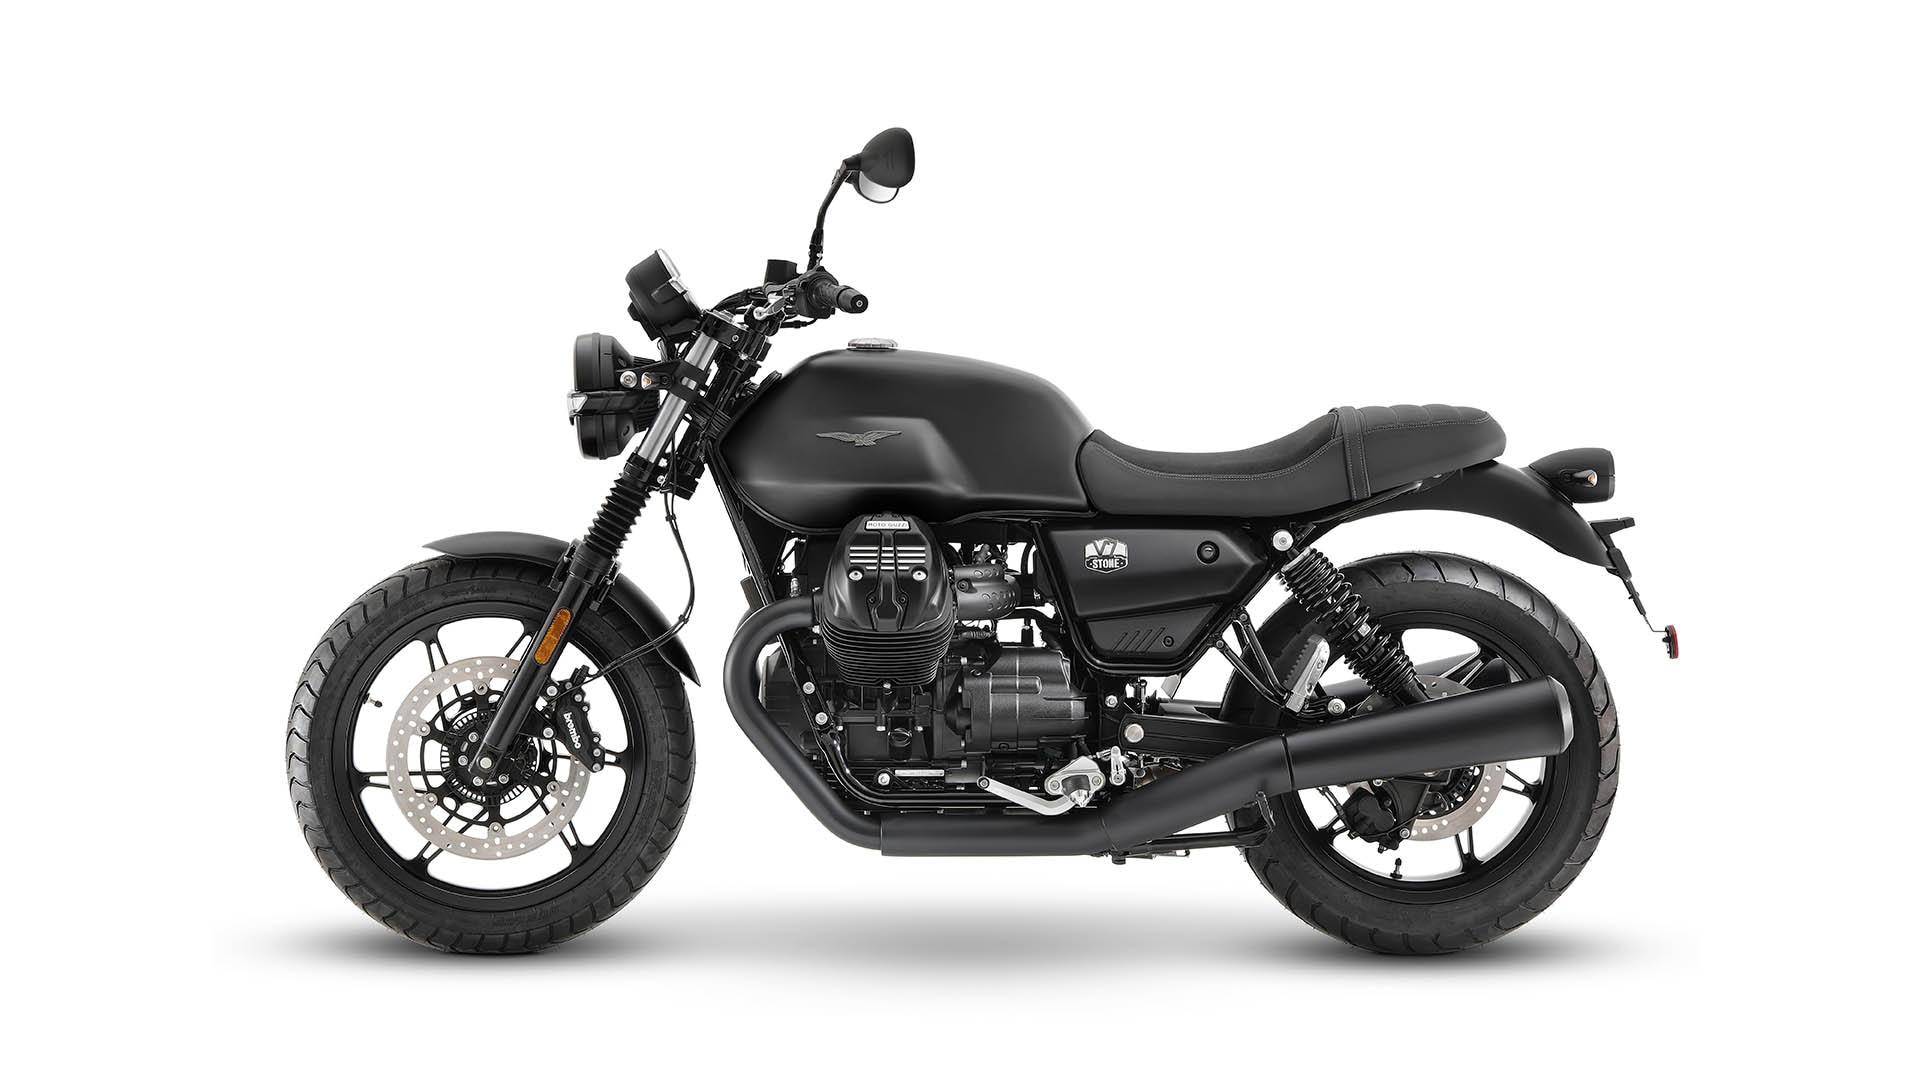 Moto Guzzi V7 2021 Nero Ruvido noir cote gauche